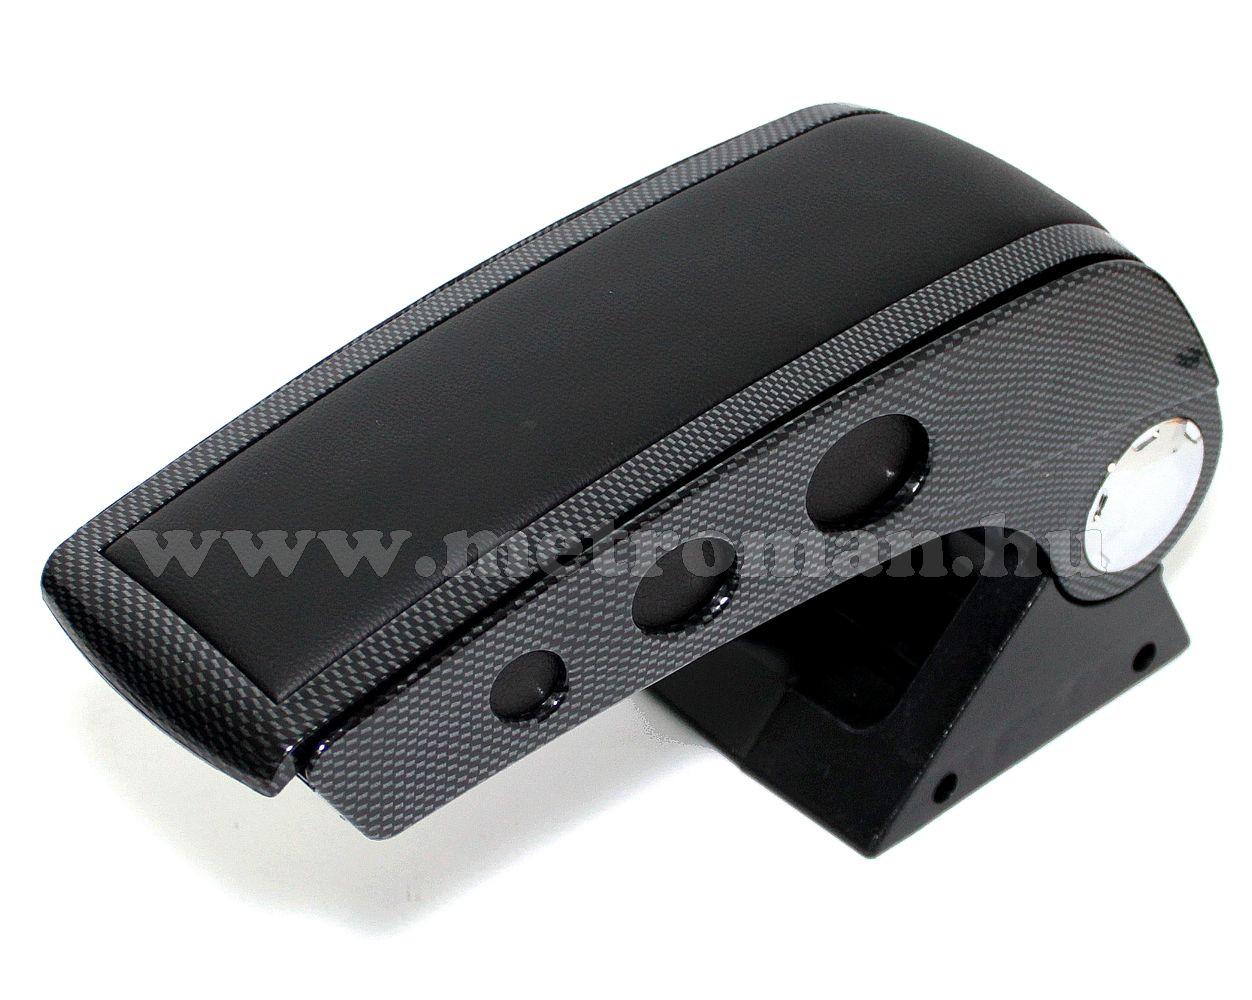 Autós könyöklő, univerzális  kartámasz, 48006ACB  Carbon - fekete